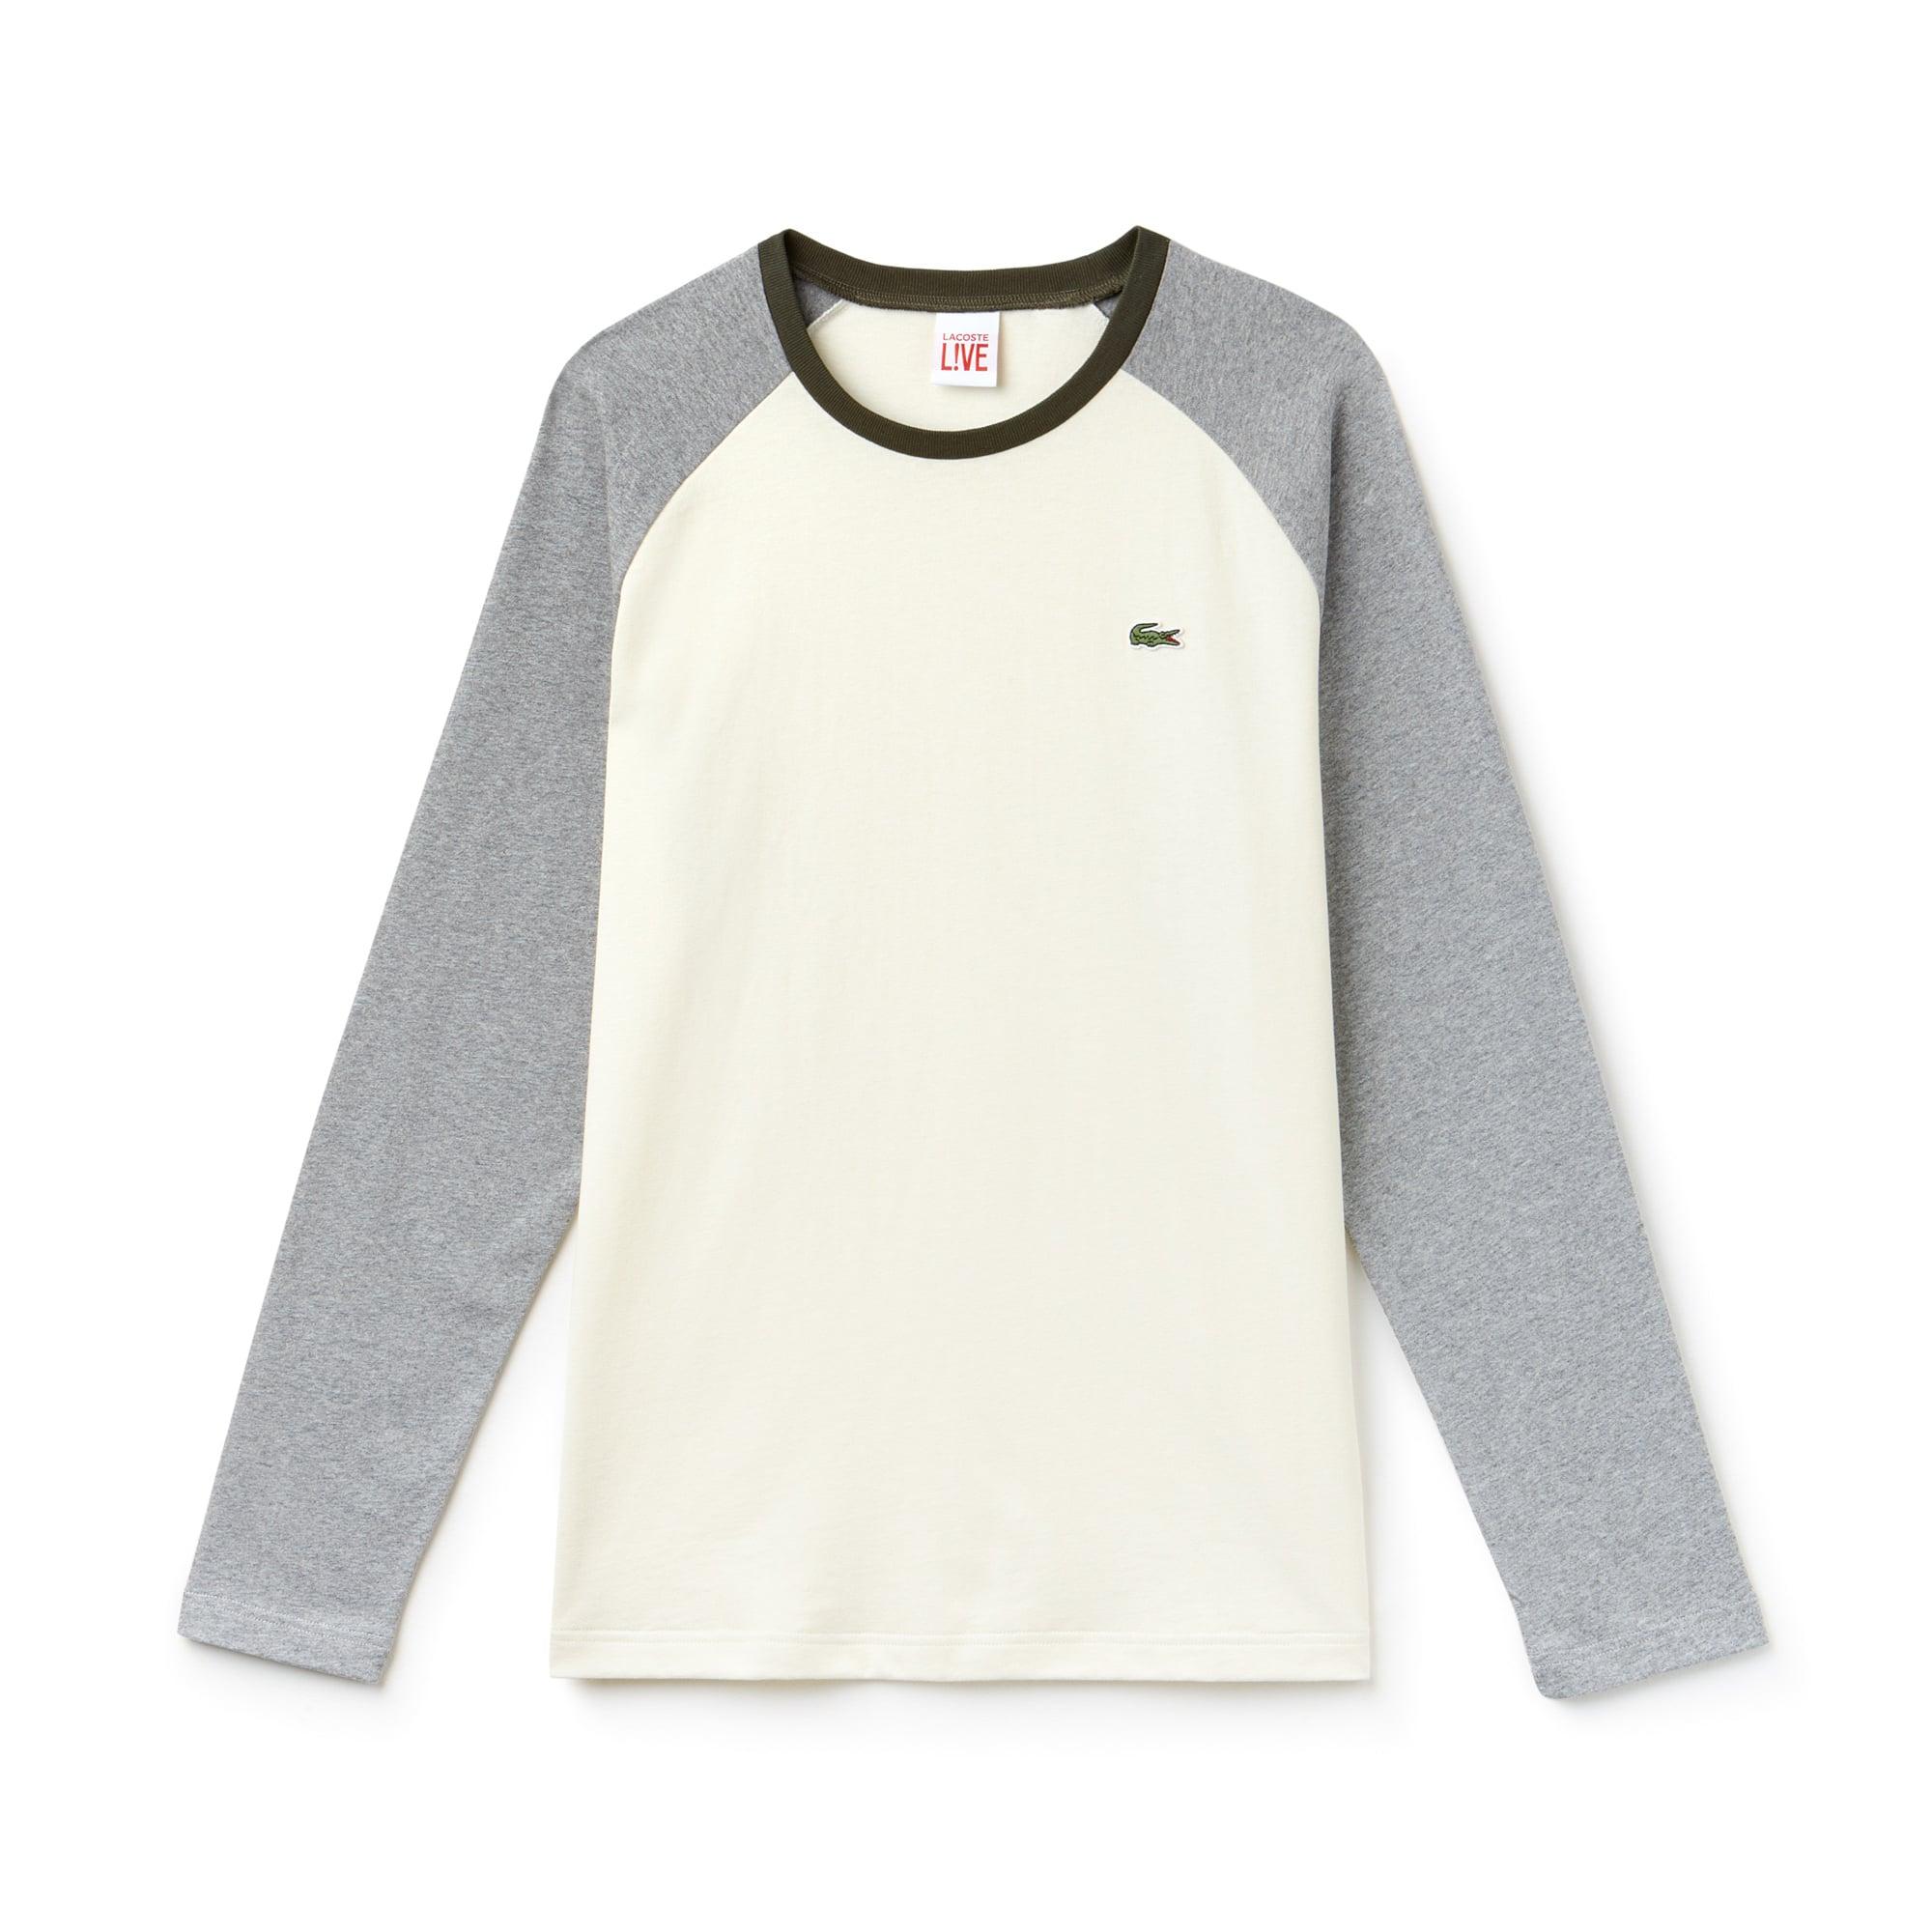 Men's Lacoste LIVE Bicolor Jersey T-shirt